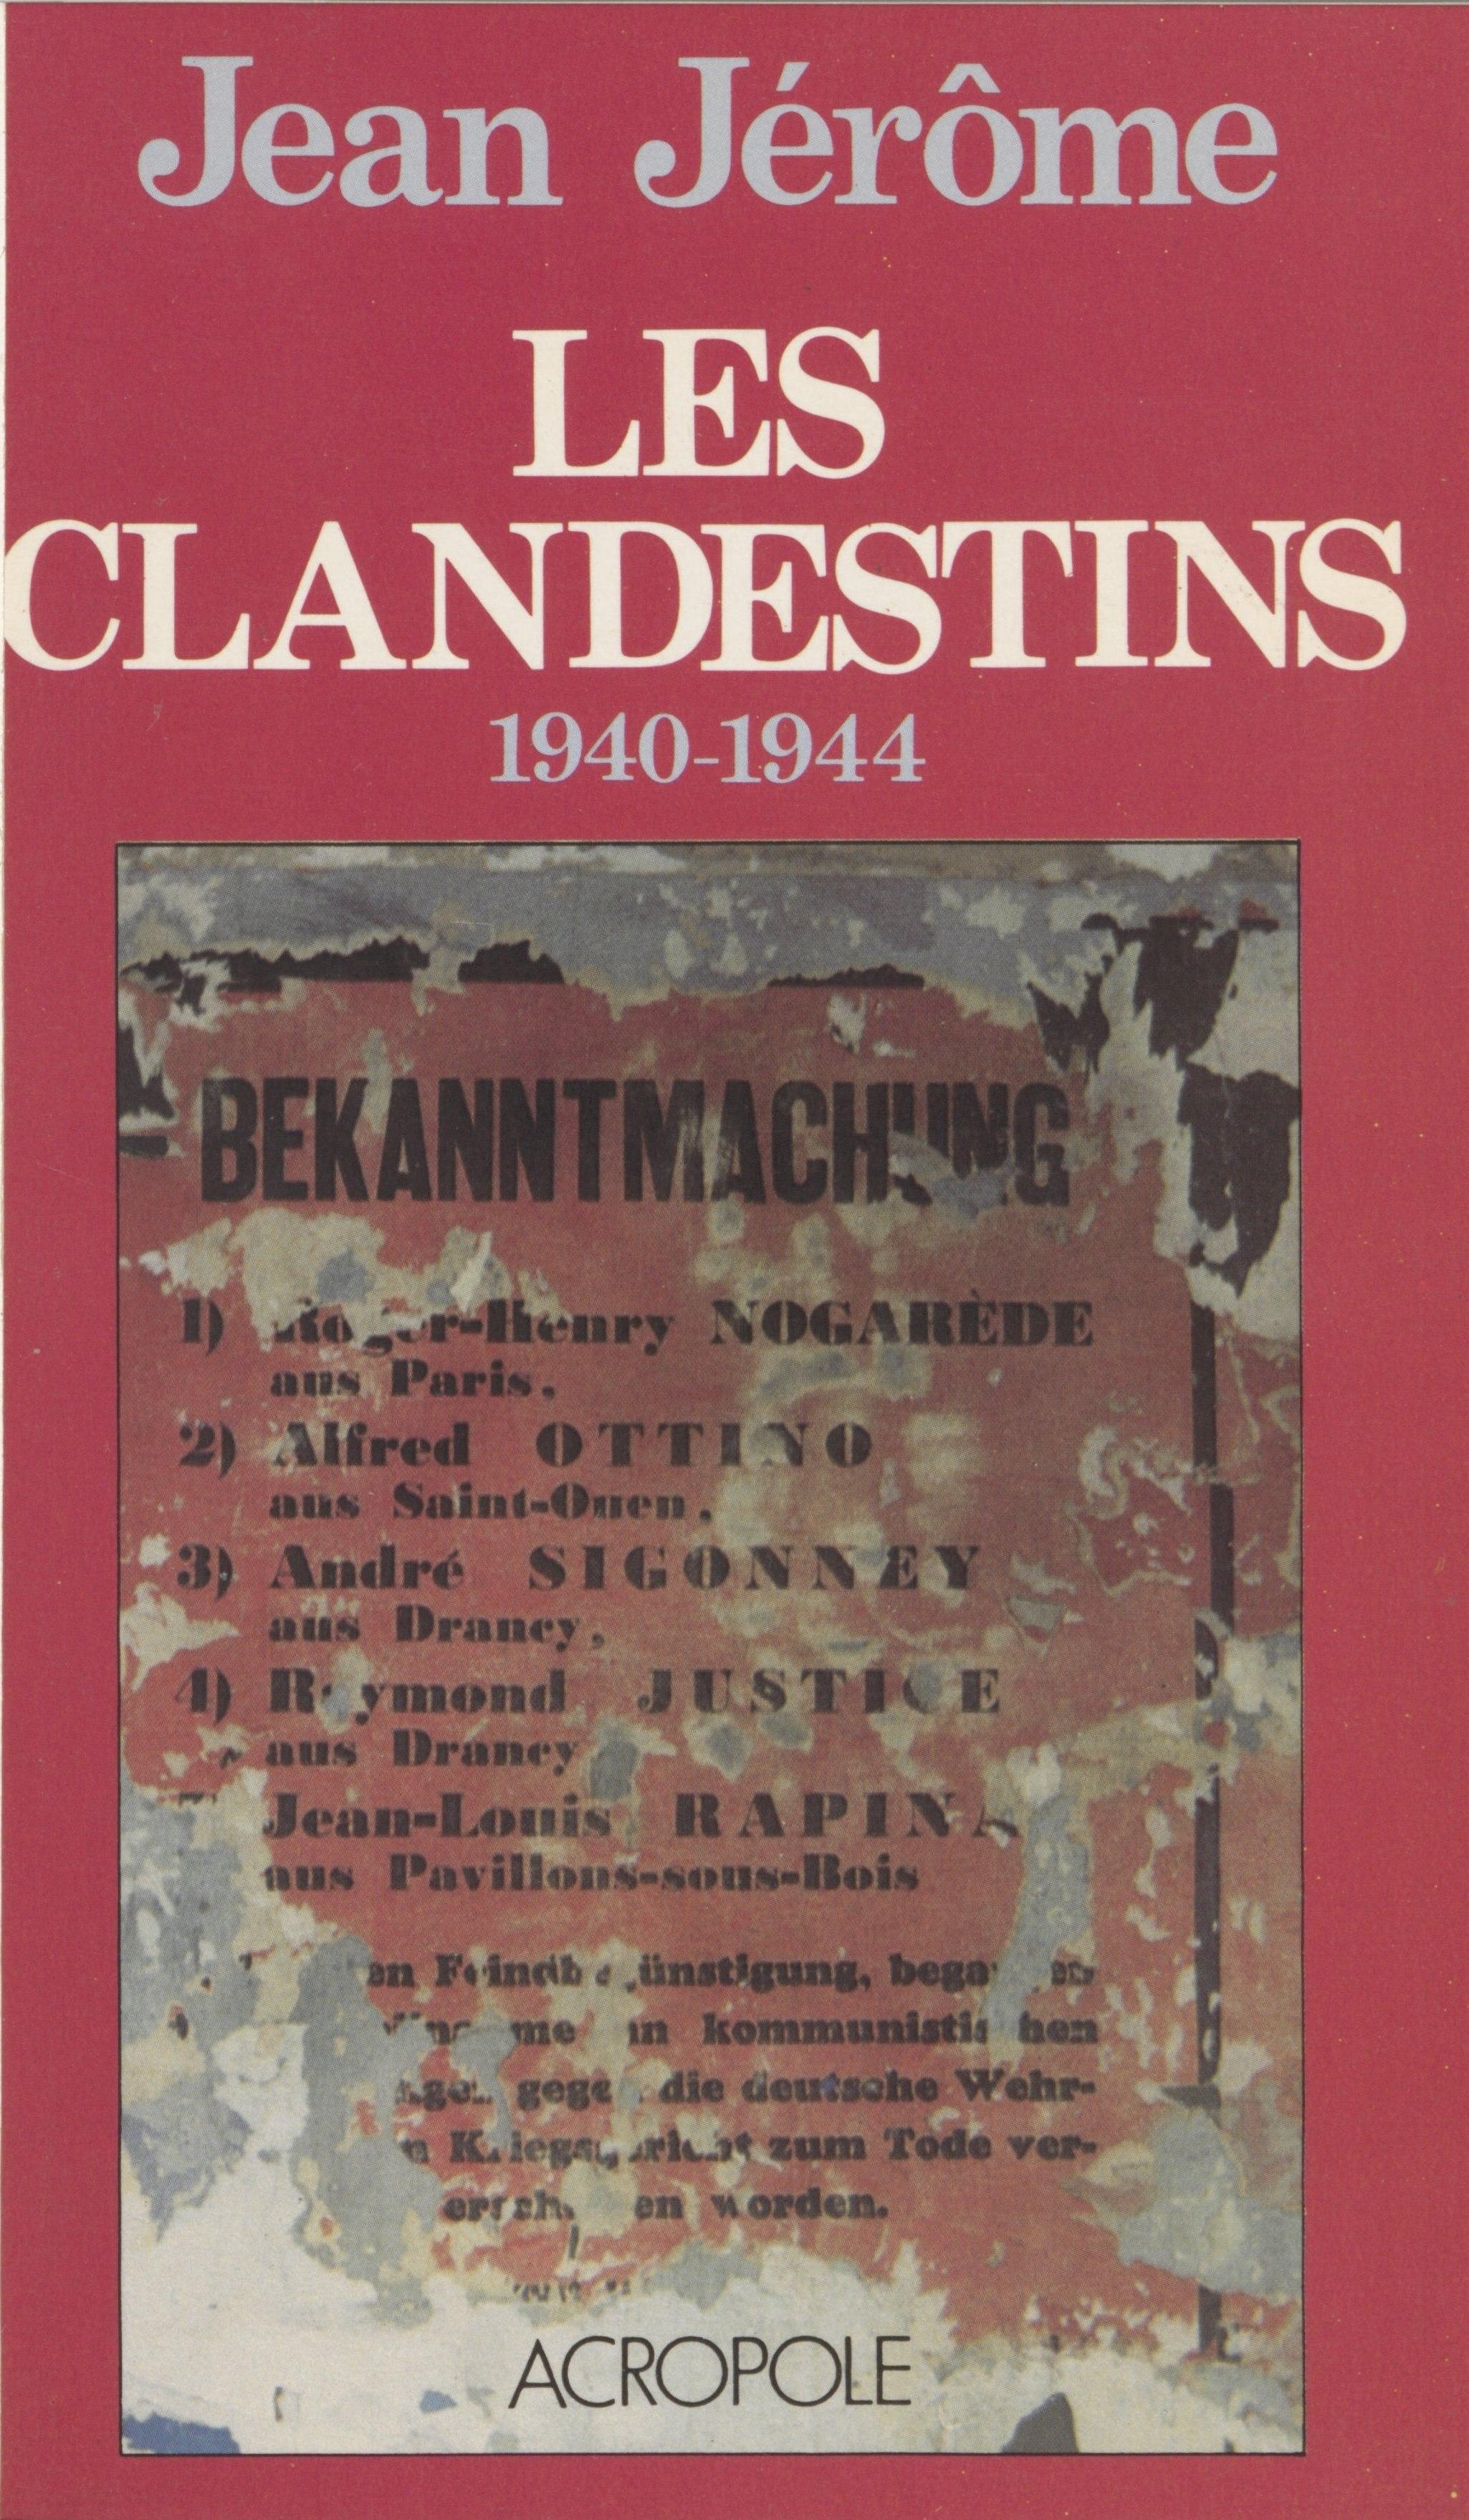 Les Clandestins